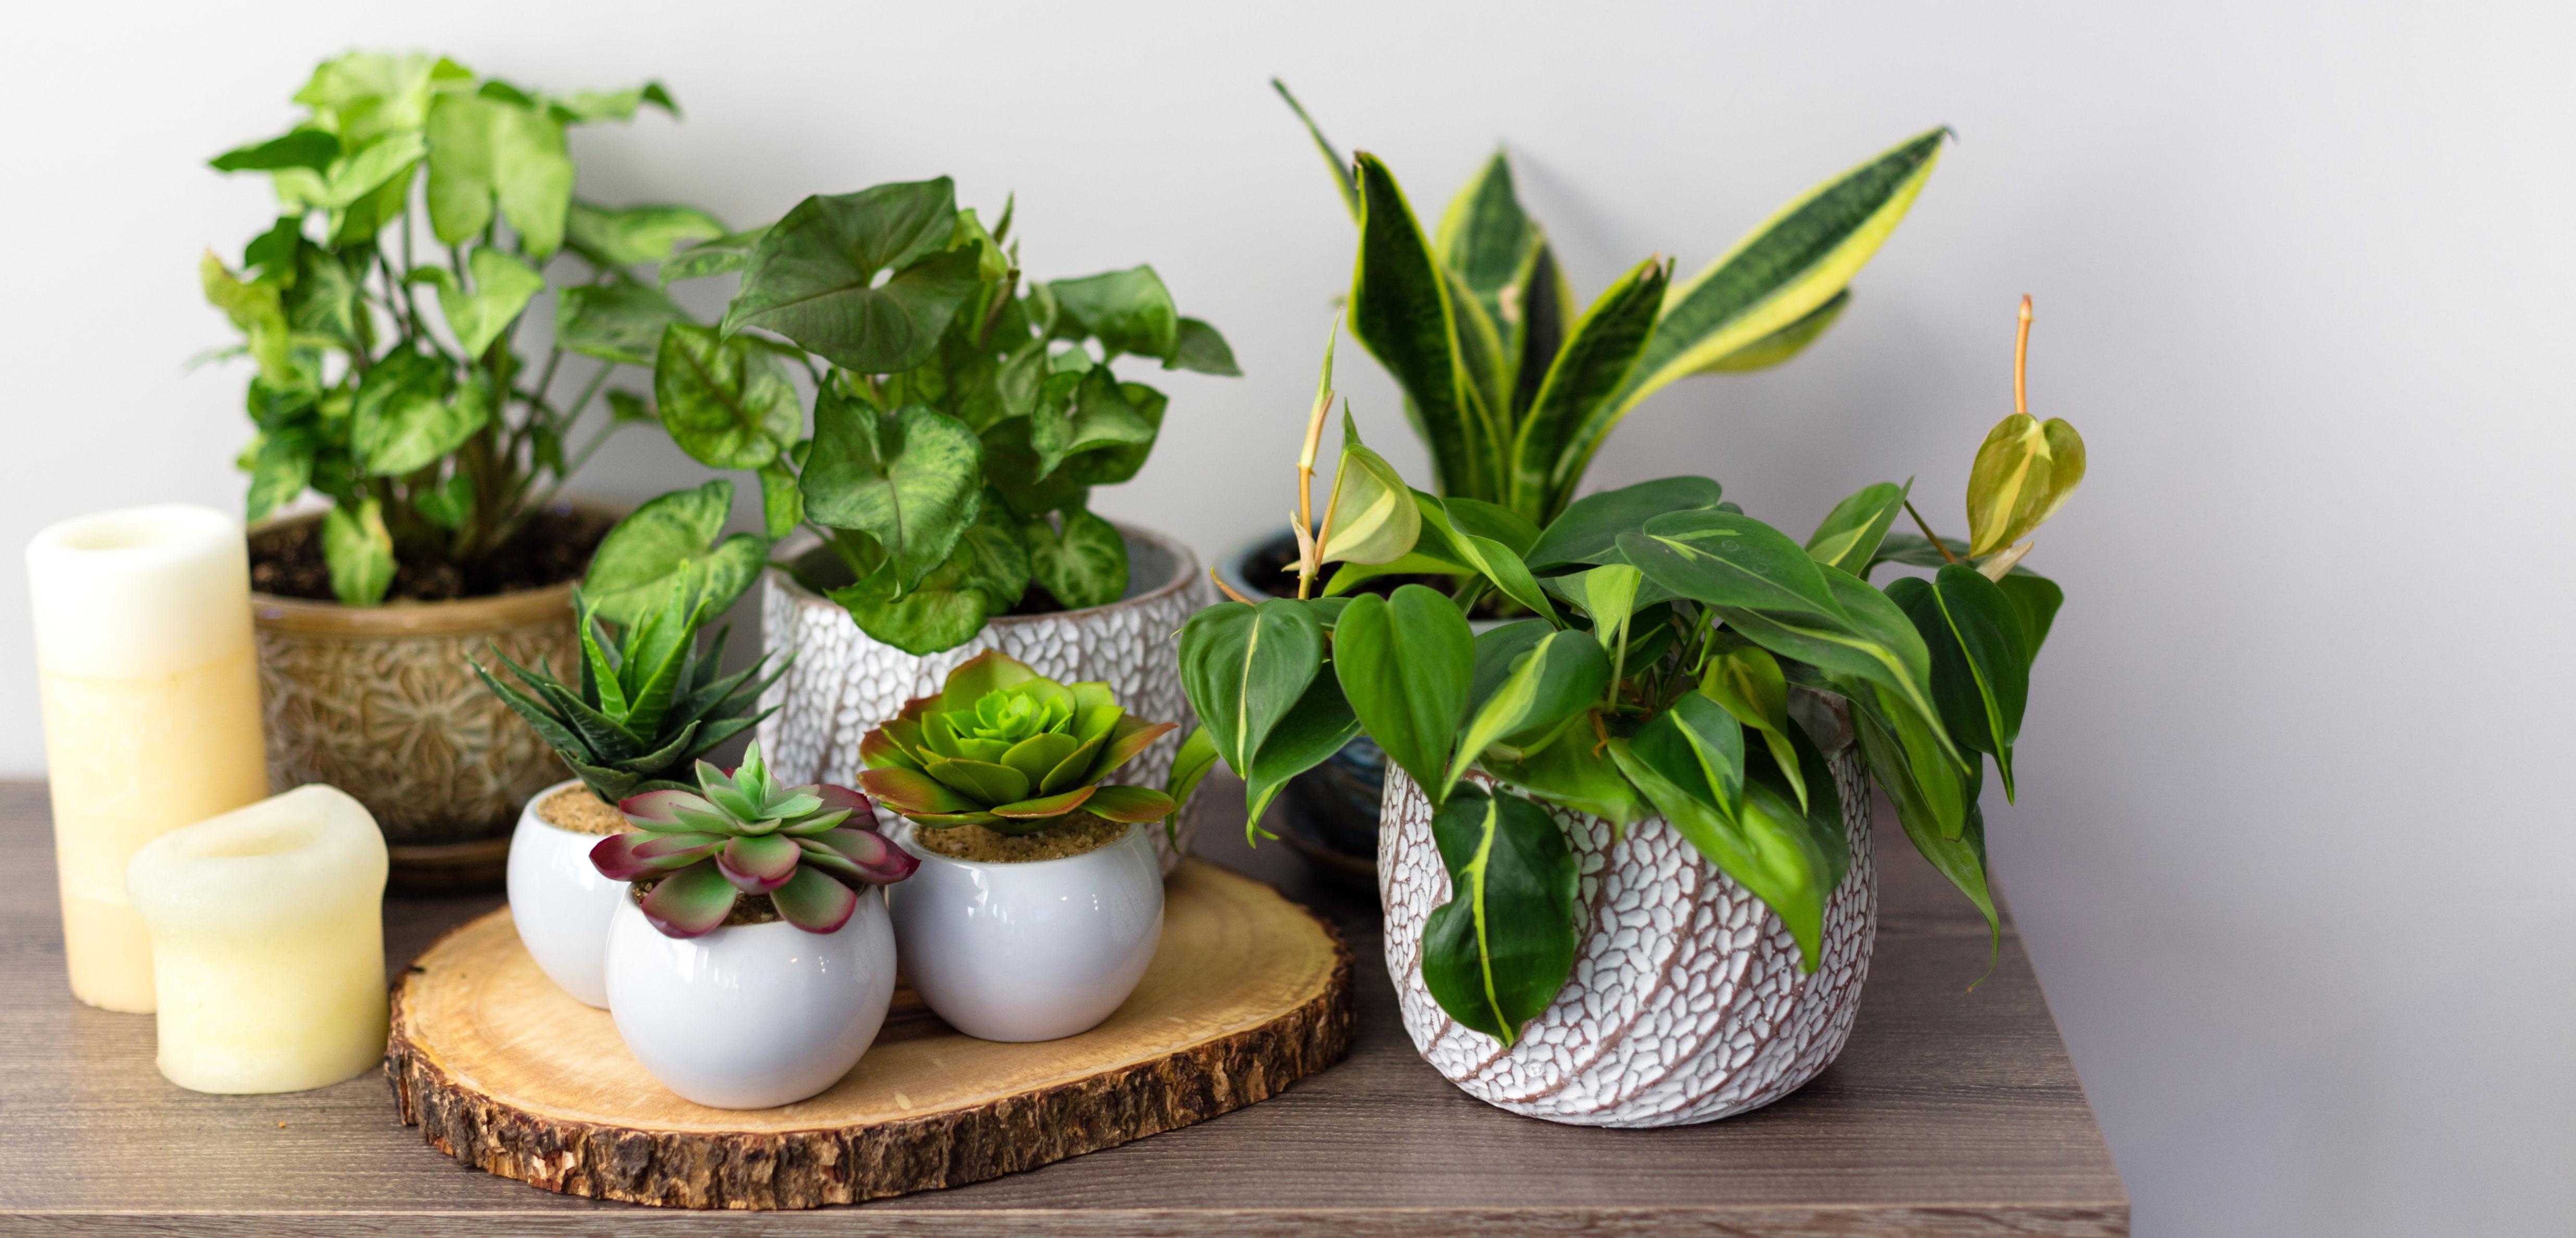 Interior_Plants_Pots